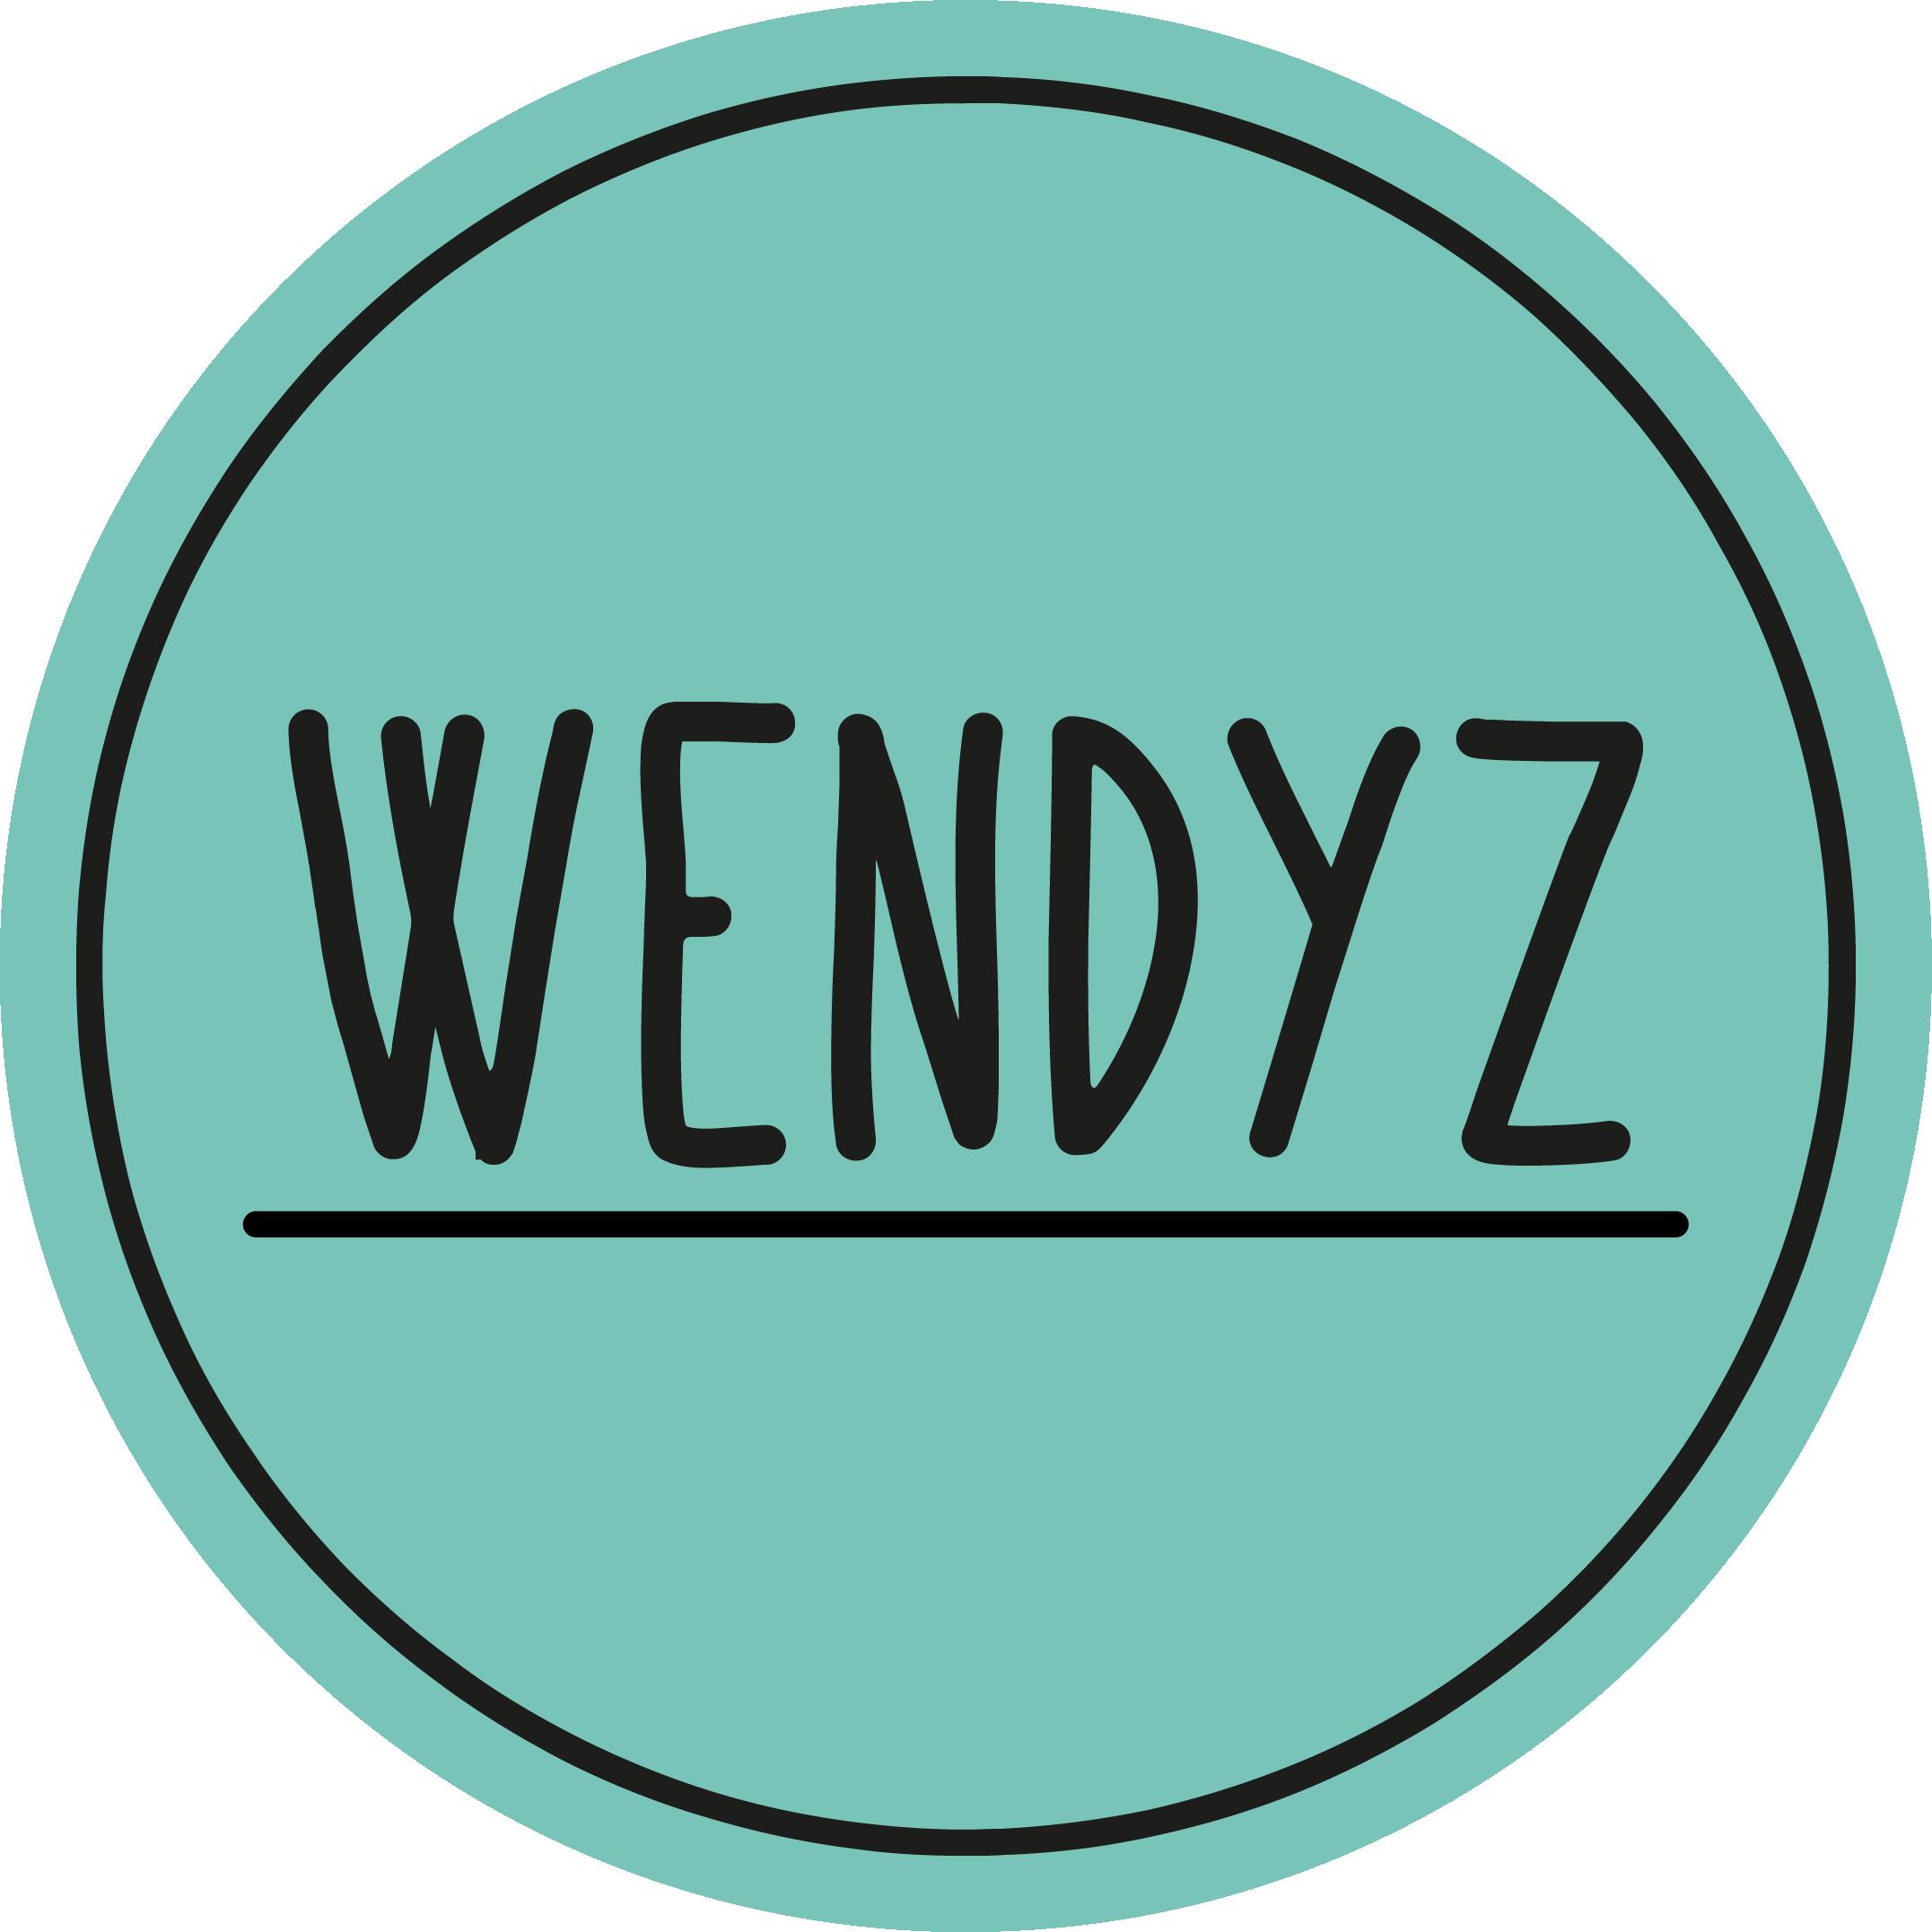 Wendyz